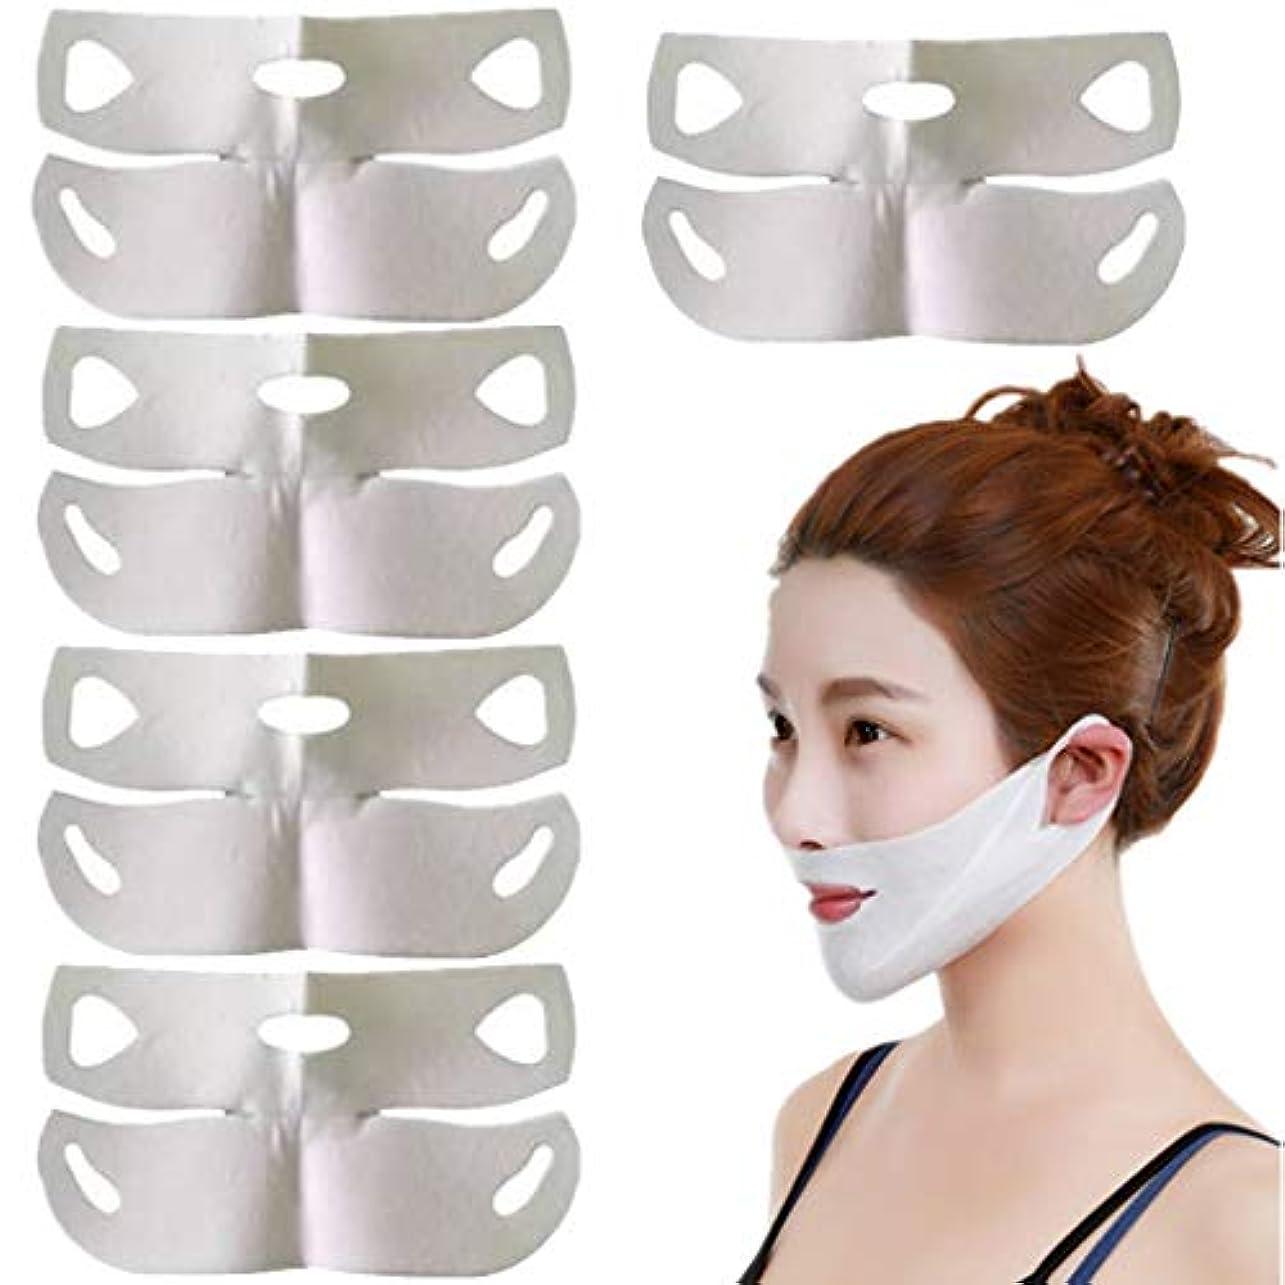 心から労働者人里離れたTumao 小顔 リフトアップ フェイスマスク リフトアップマスク 5枚 小顔 矯正 小顔 ベルト 顔痩せ フェイスパック フェイスベルト 耳かけ 小顔効果 顎ライン 取り戻す レディース メンズ